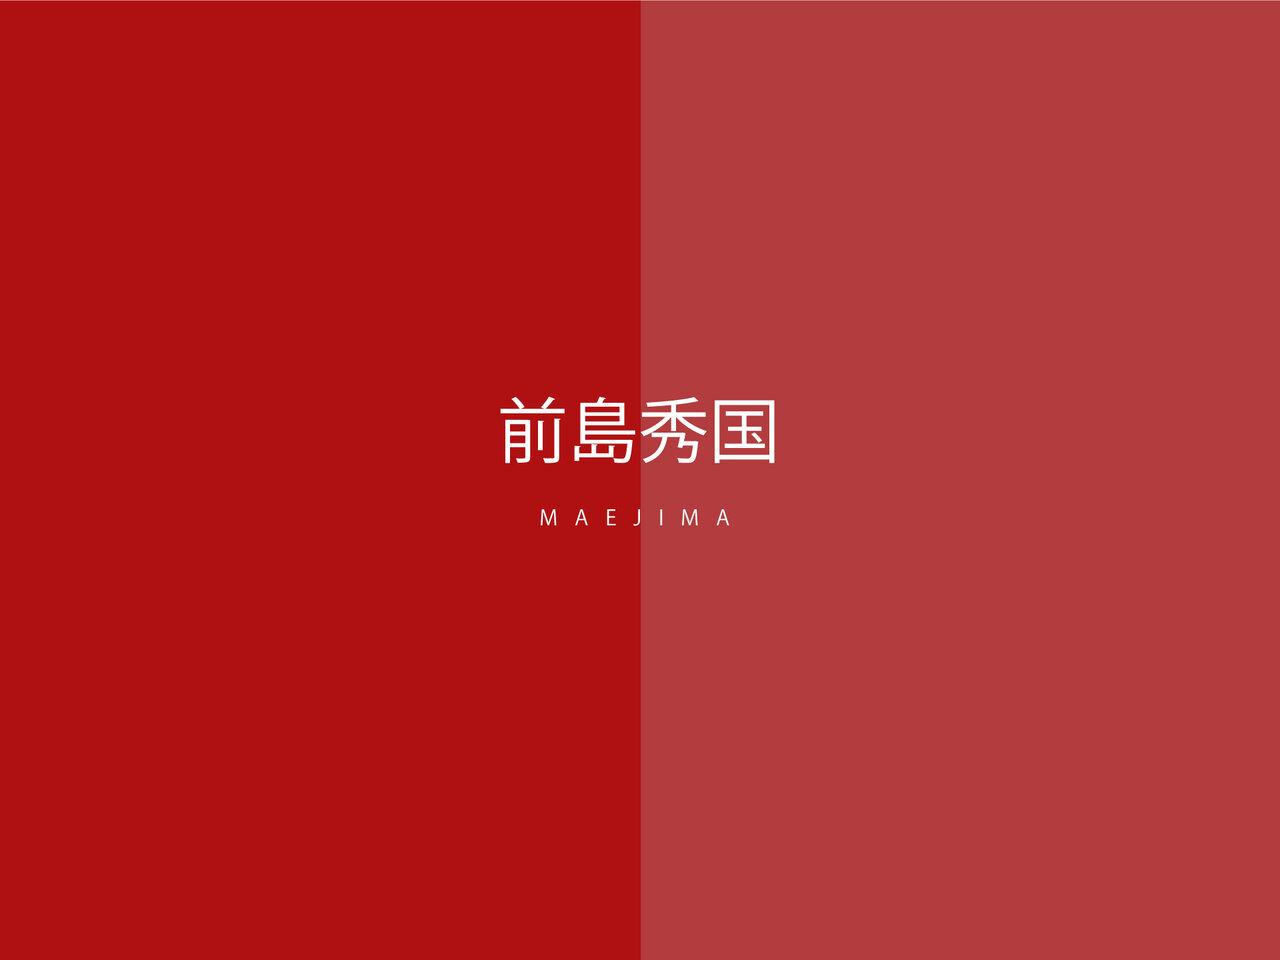 久石譲「Music Future Vol.7」初日を聴いて